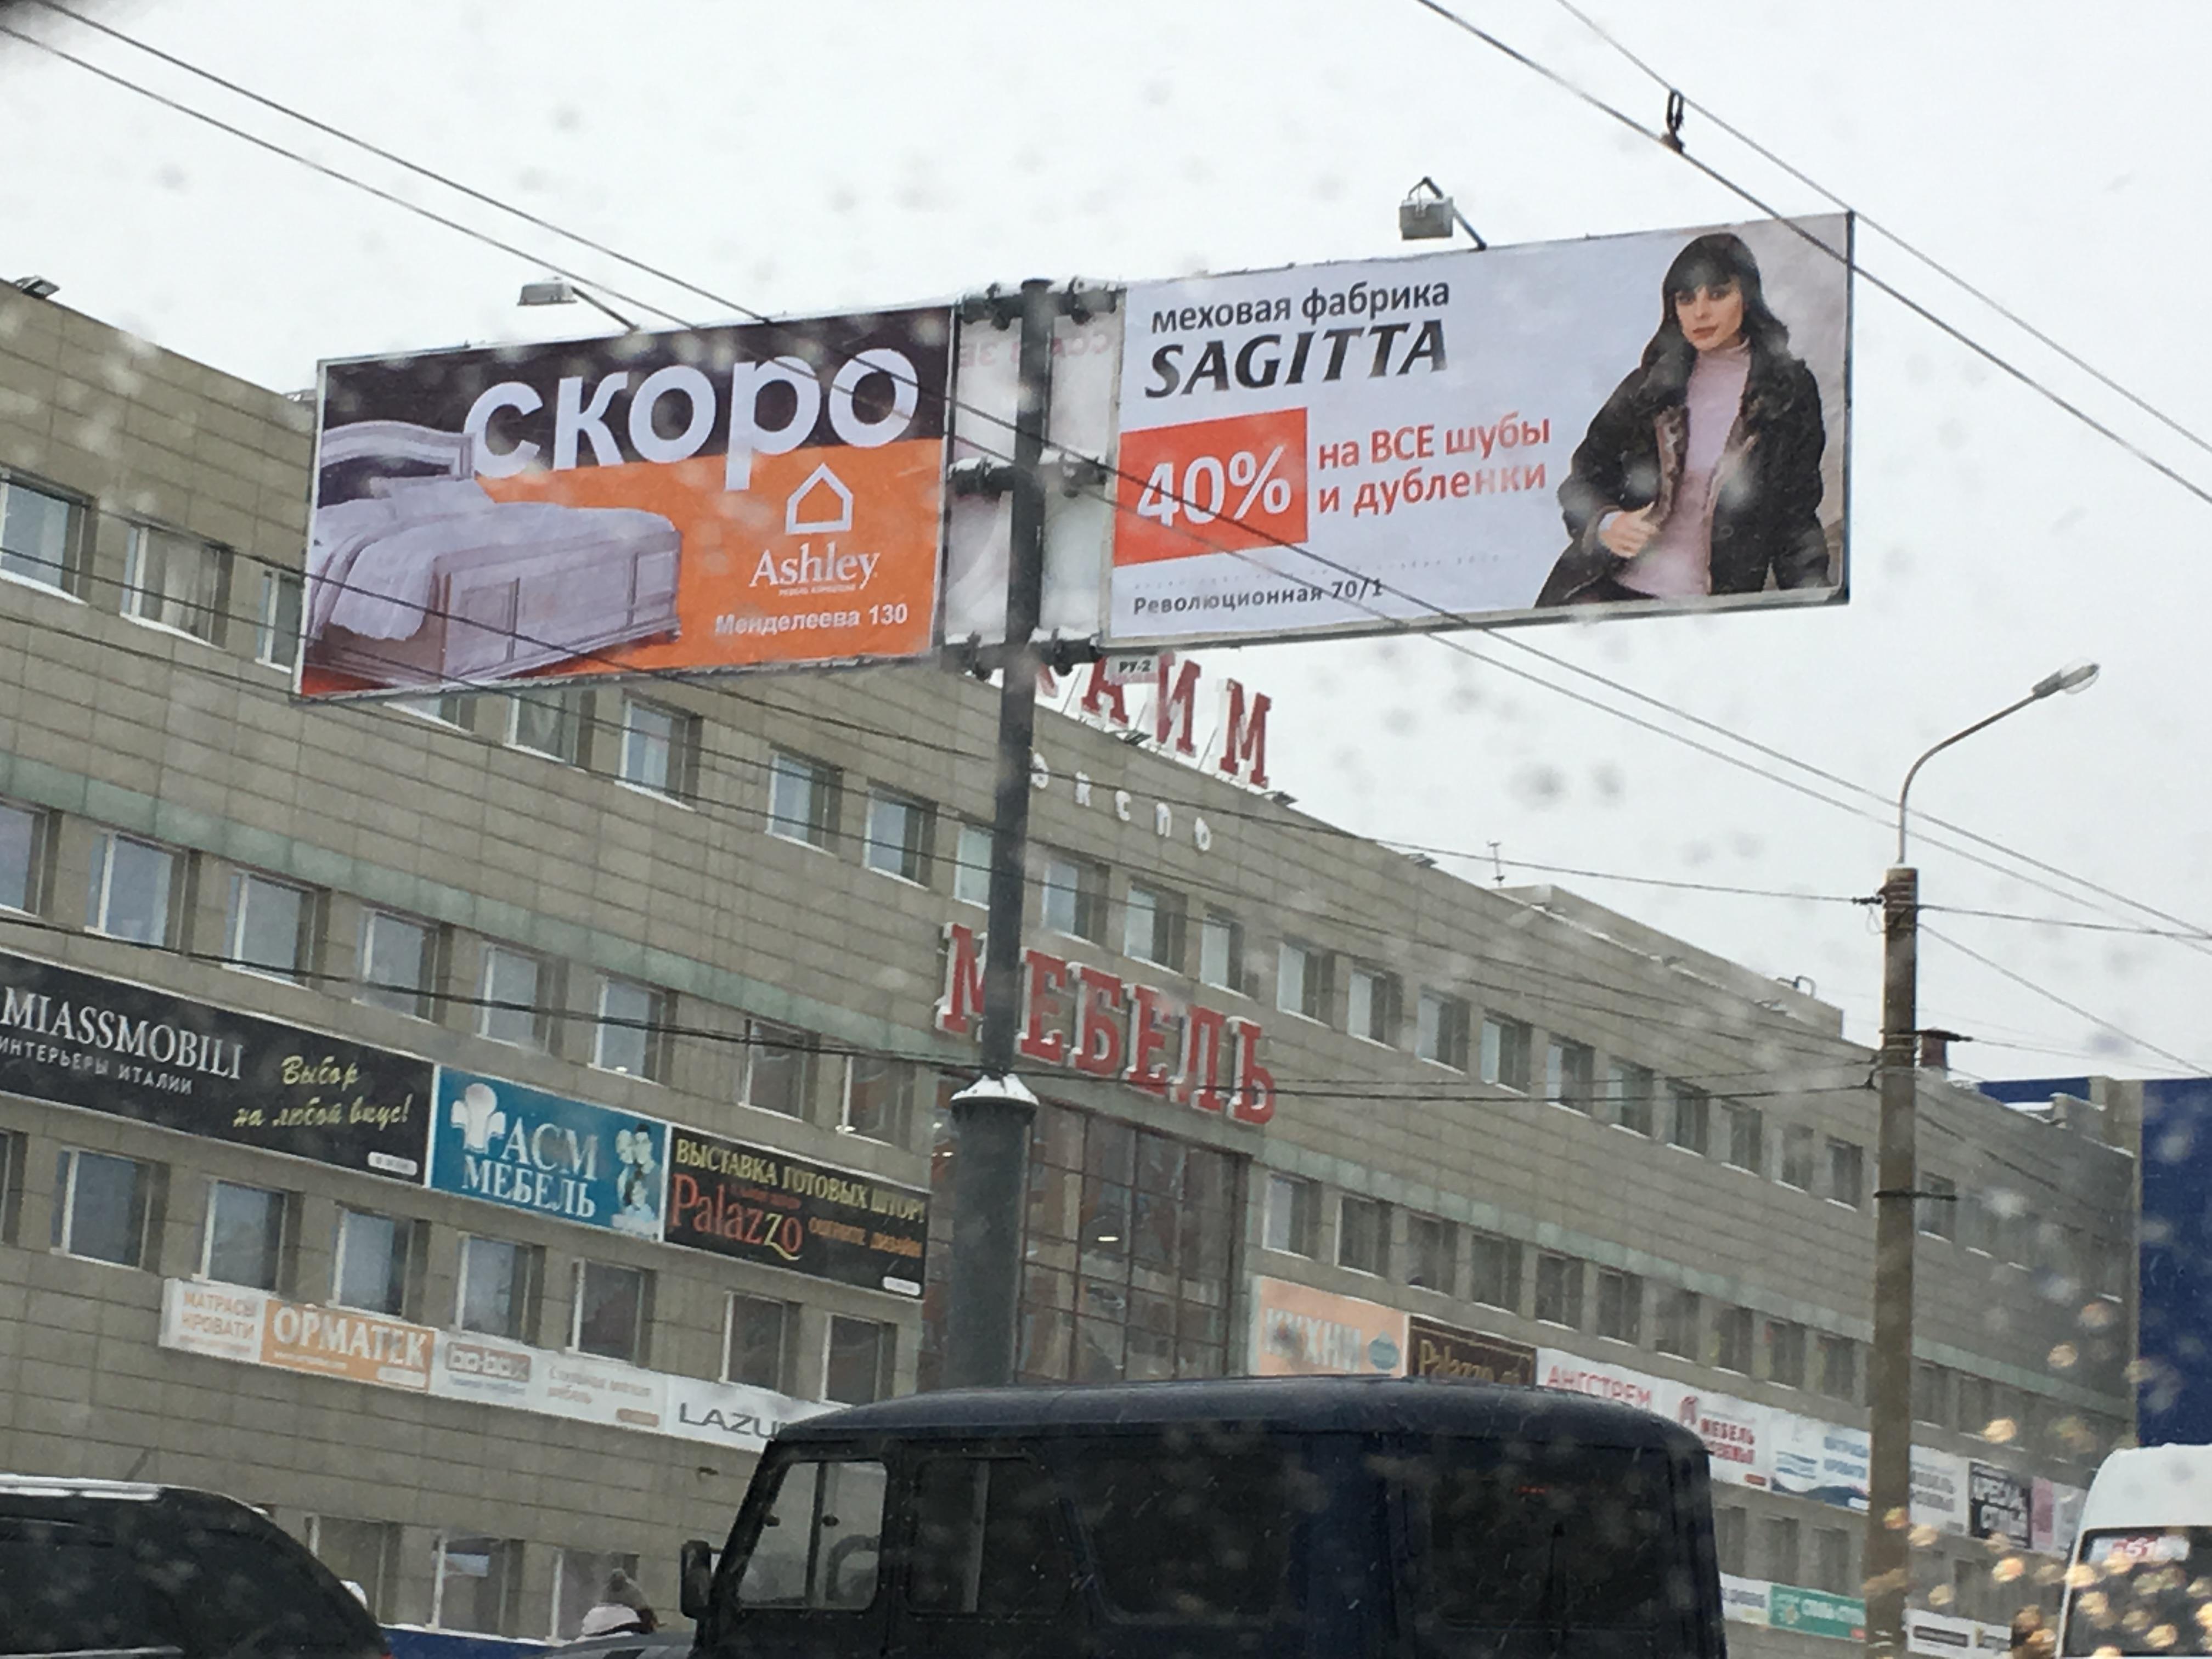 AFHS_Ufa_Coming_Soon_Billboard_Mockup1